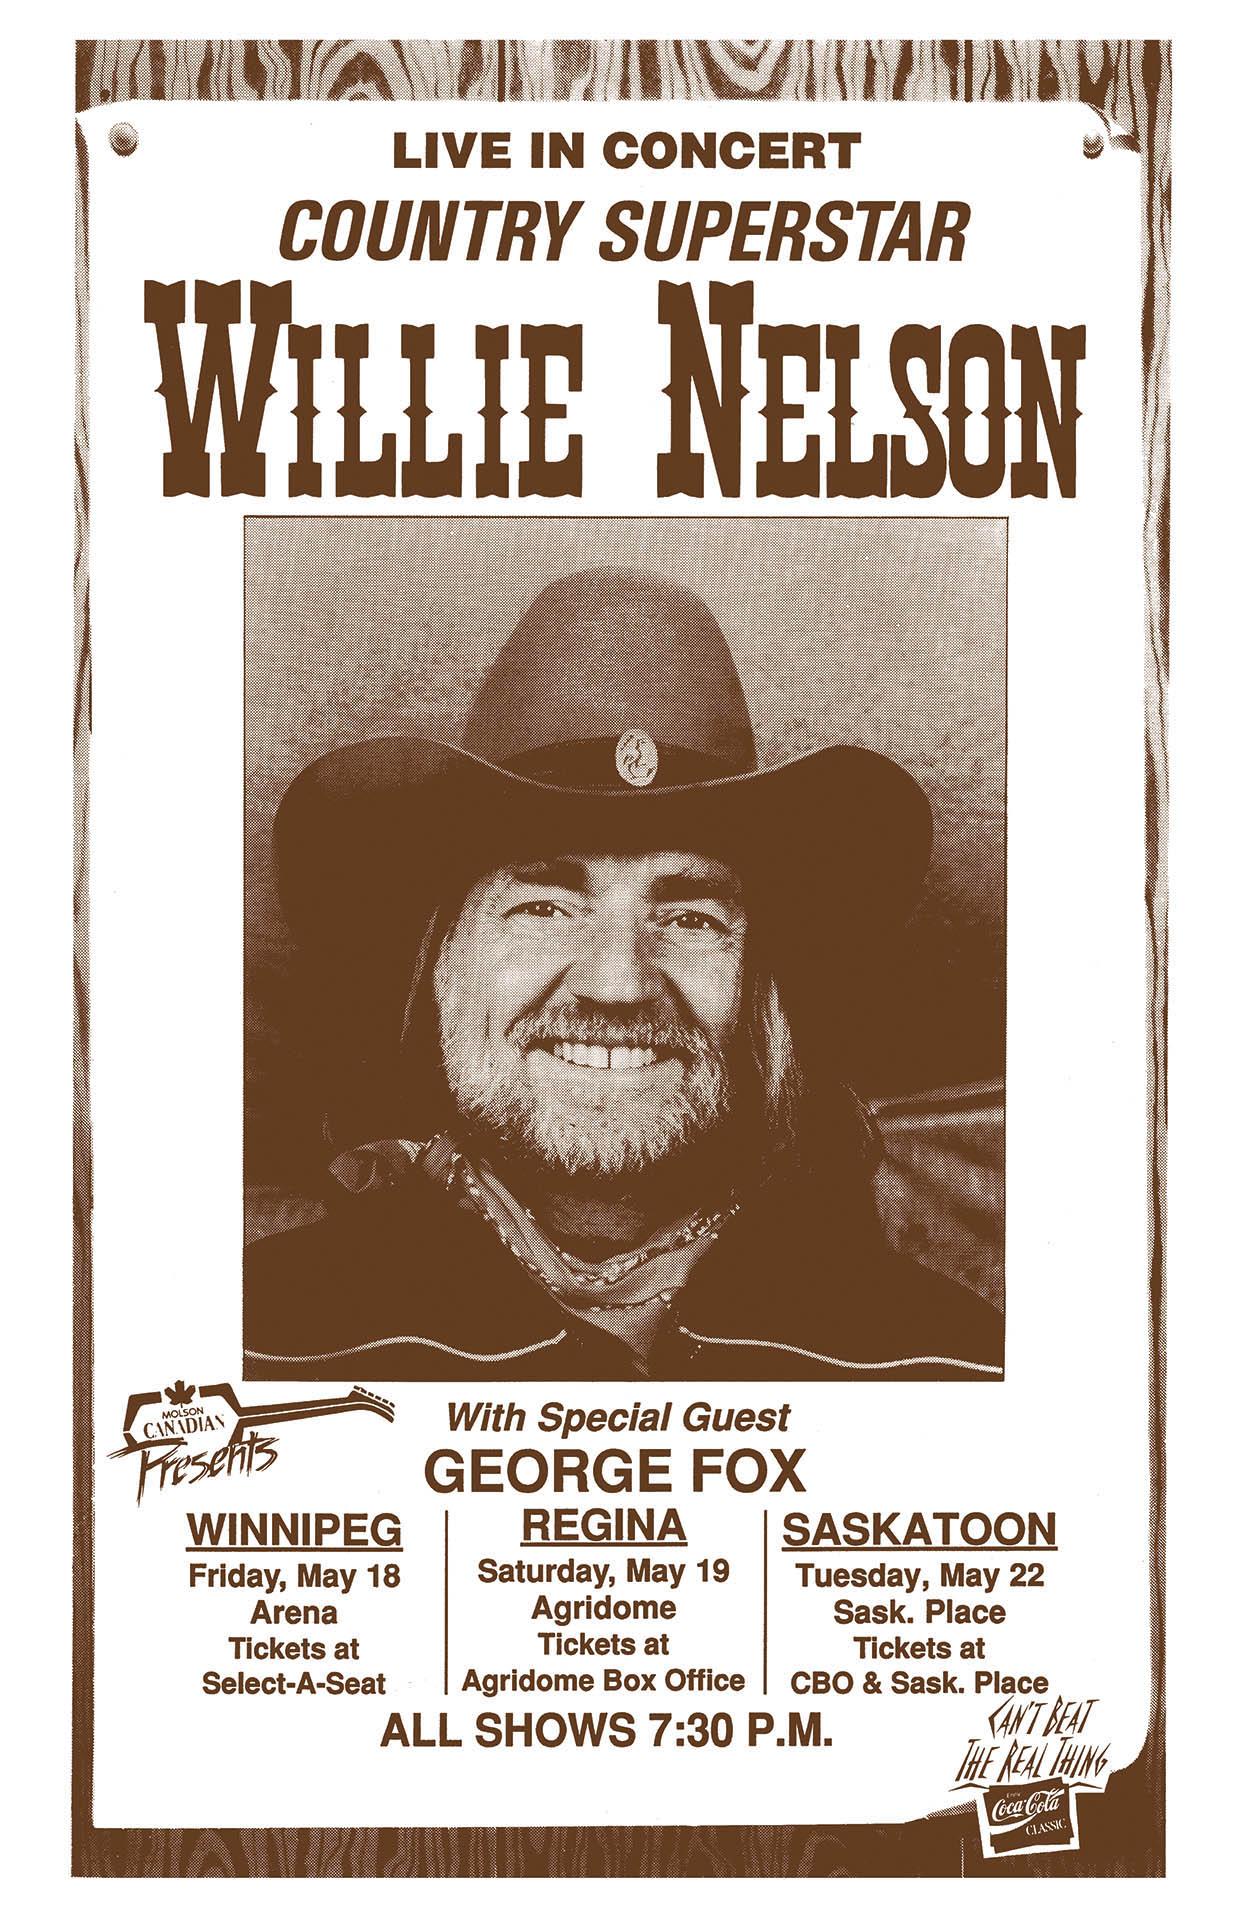 WILLIE NELSON – 1990